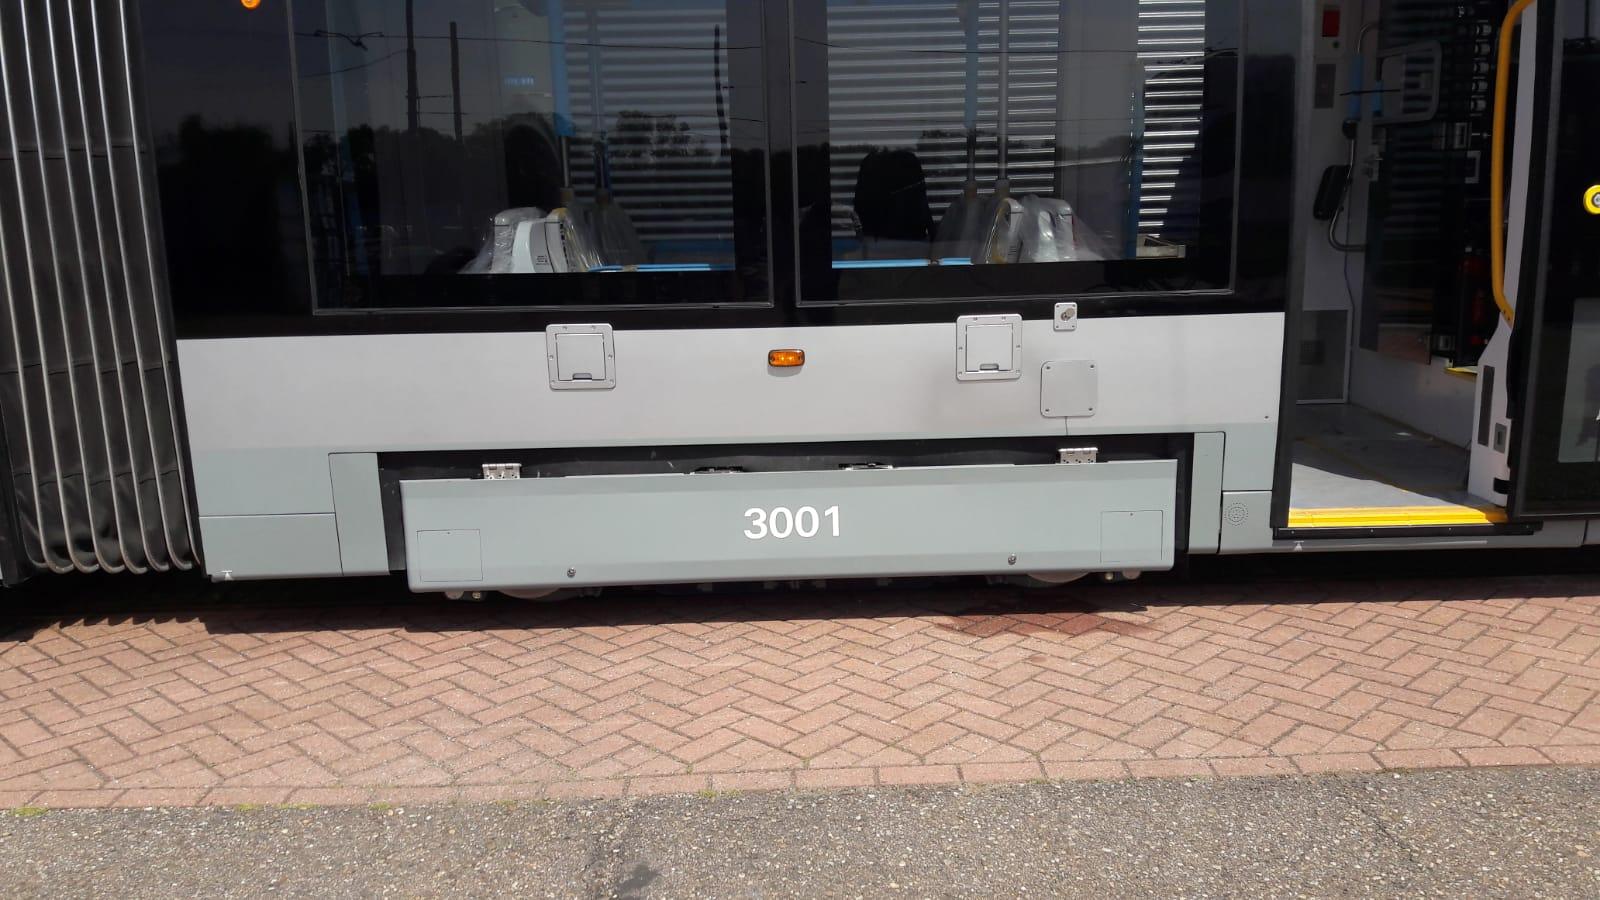 nieuwe 15G tram grootwagennummer tijdelijke plaats